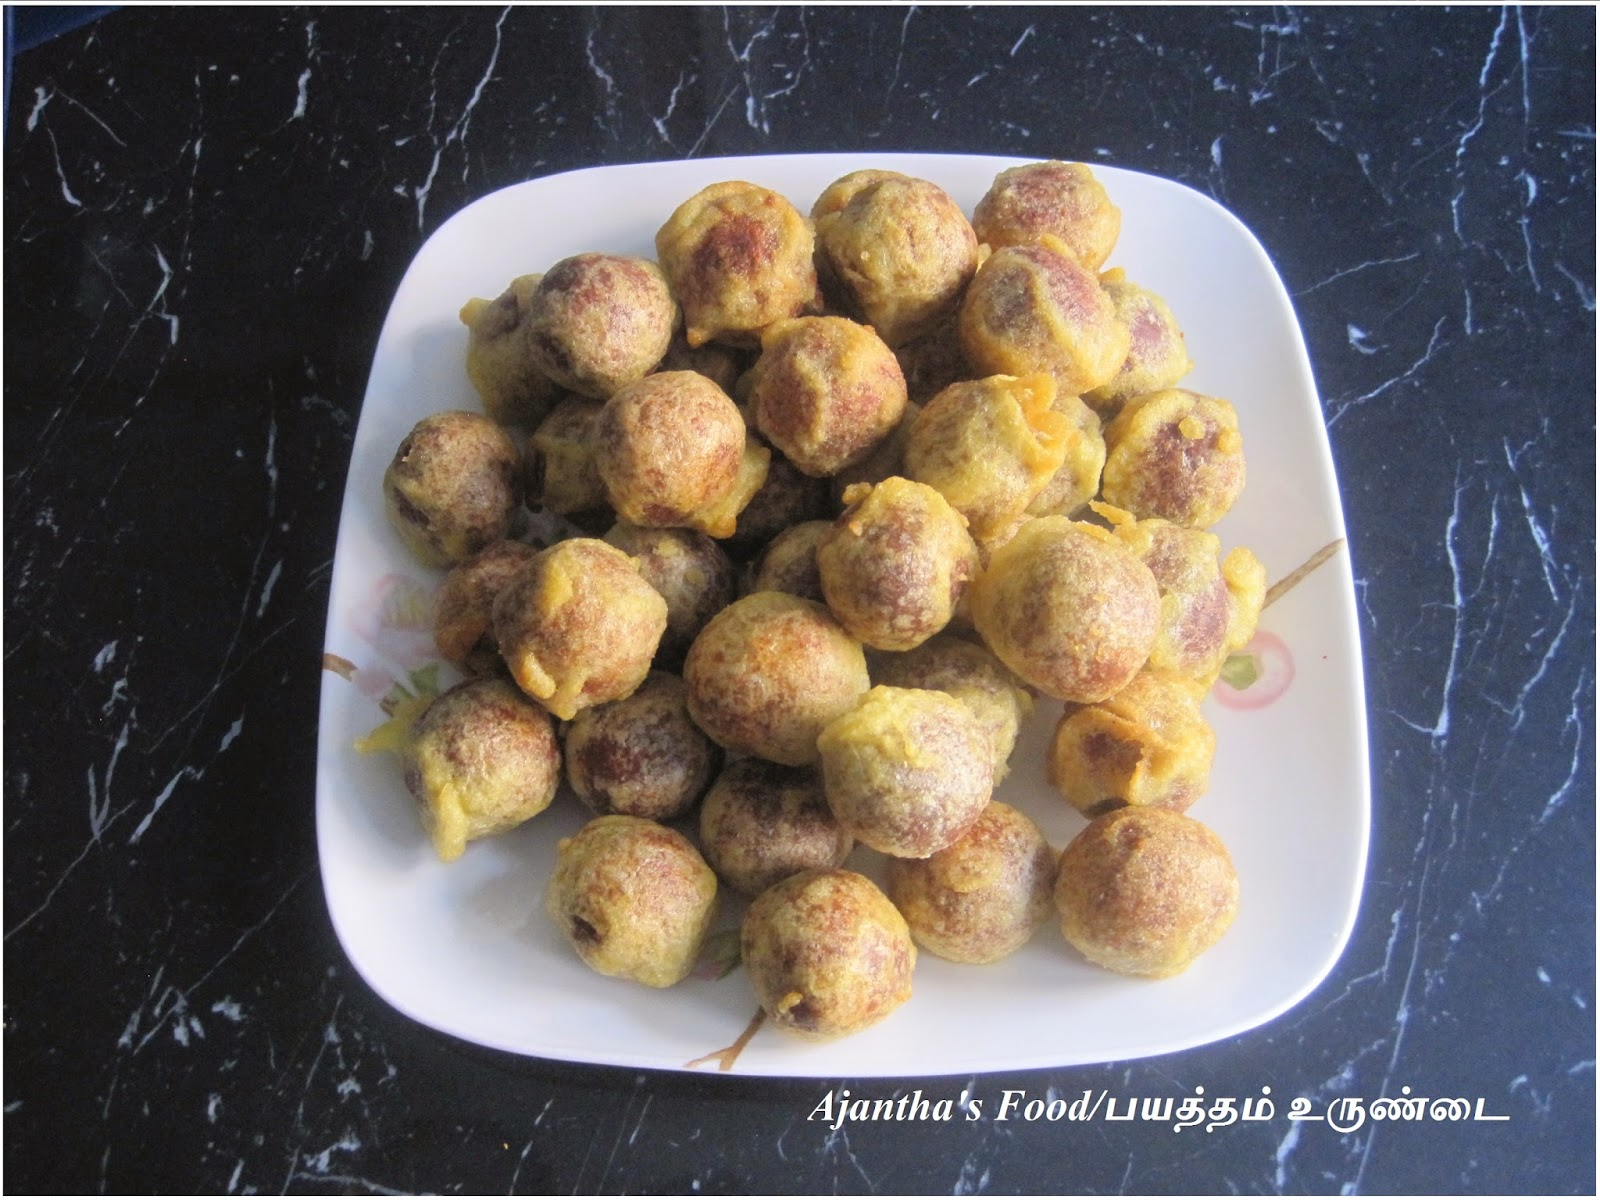 Ajantha's Food/பயத்தம் உருண்டை